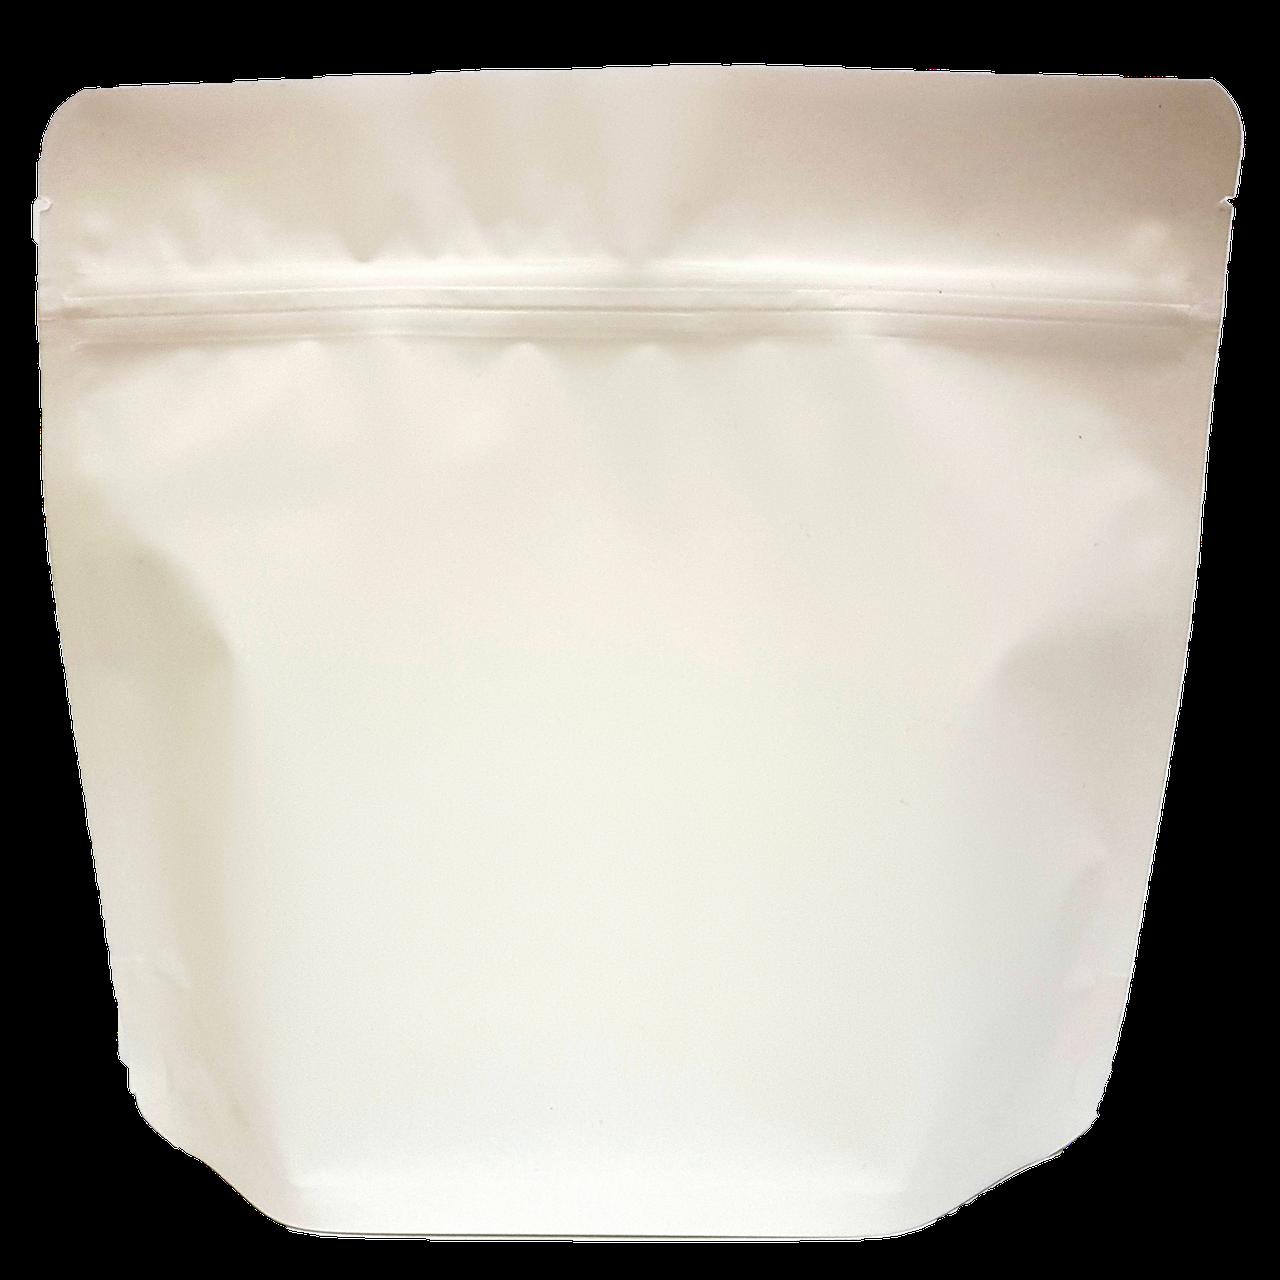 Пакет Дой-пак 200*190 дно (36+36) білий з тактильним матовим лаком